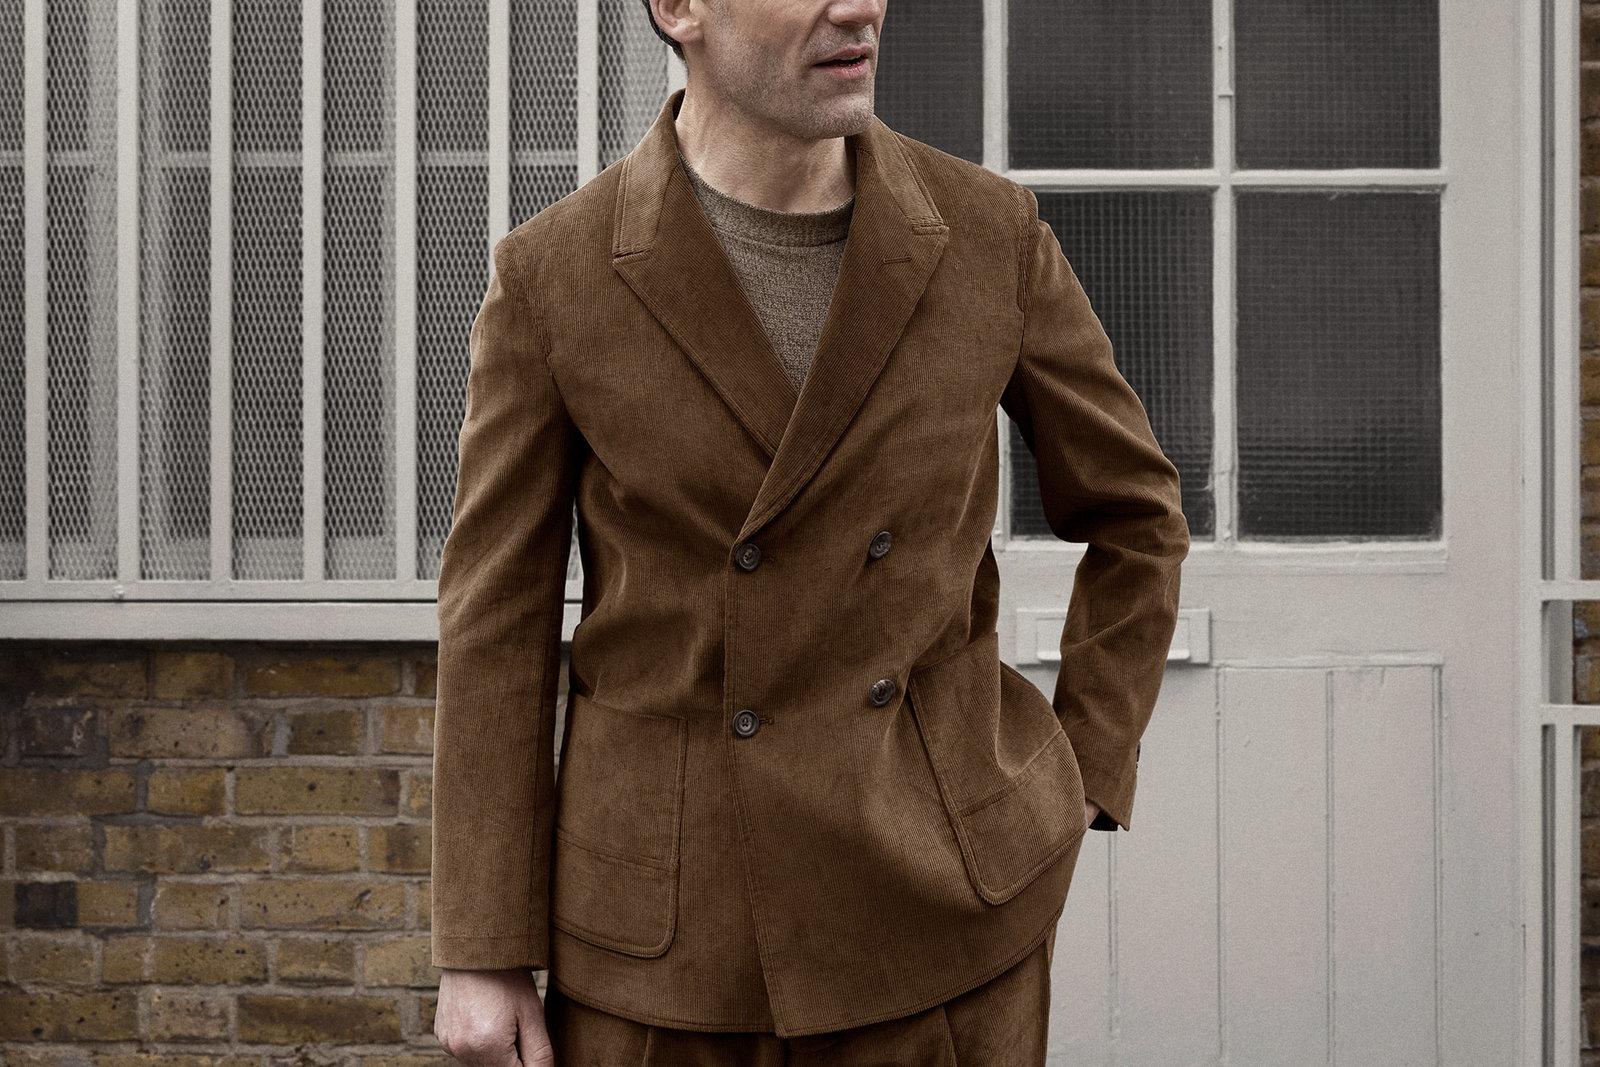 db-jacket-corduroy-cedar-brown-worn-3@2x.jpg